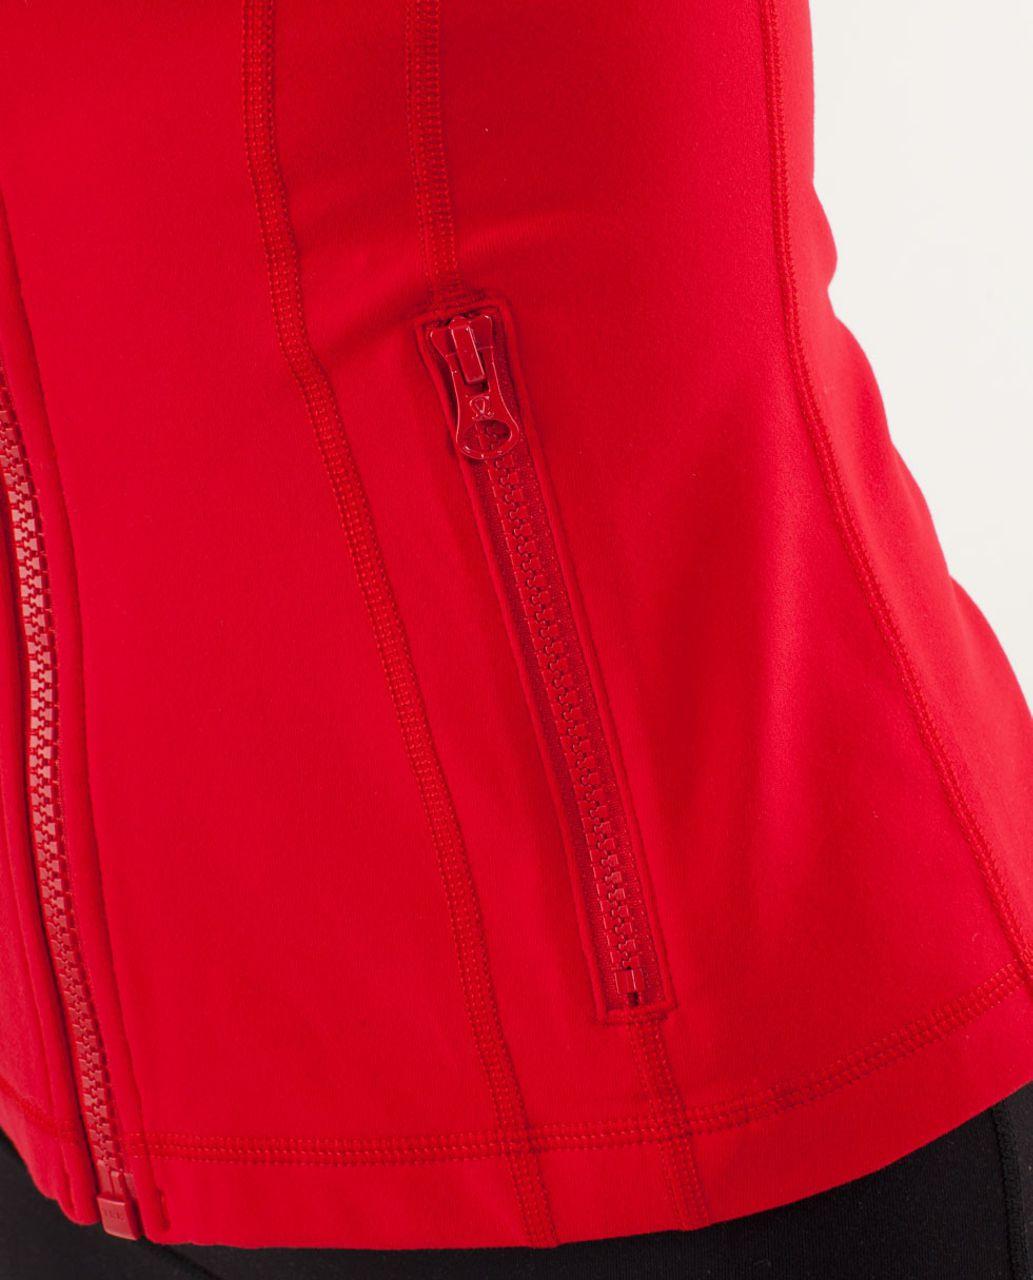 Lululemon Define Jacket - Currant